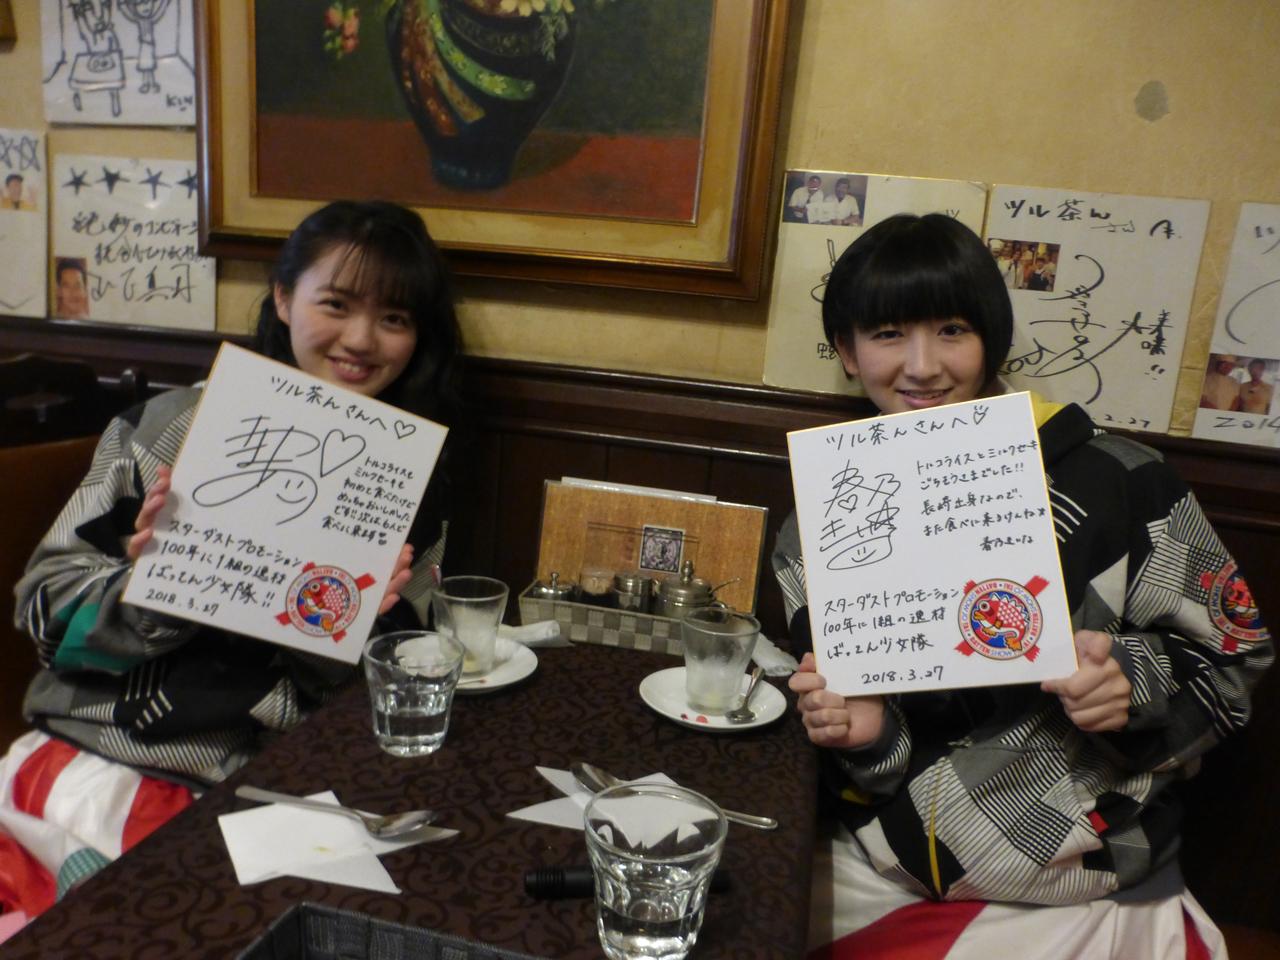 CPで春乃の地元長崎へ。思案橋のツル茶んにて、名物のトルコライスとミルクセーキを! サインまで書かせていただいちゃいました。(愛/きいな)